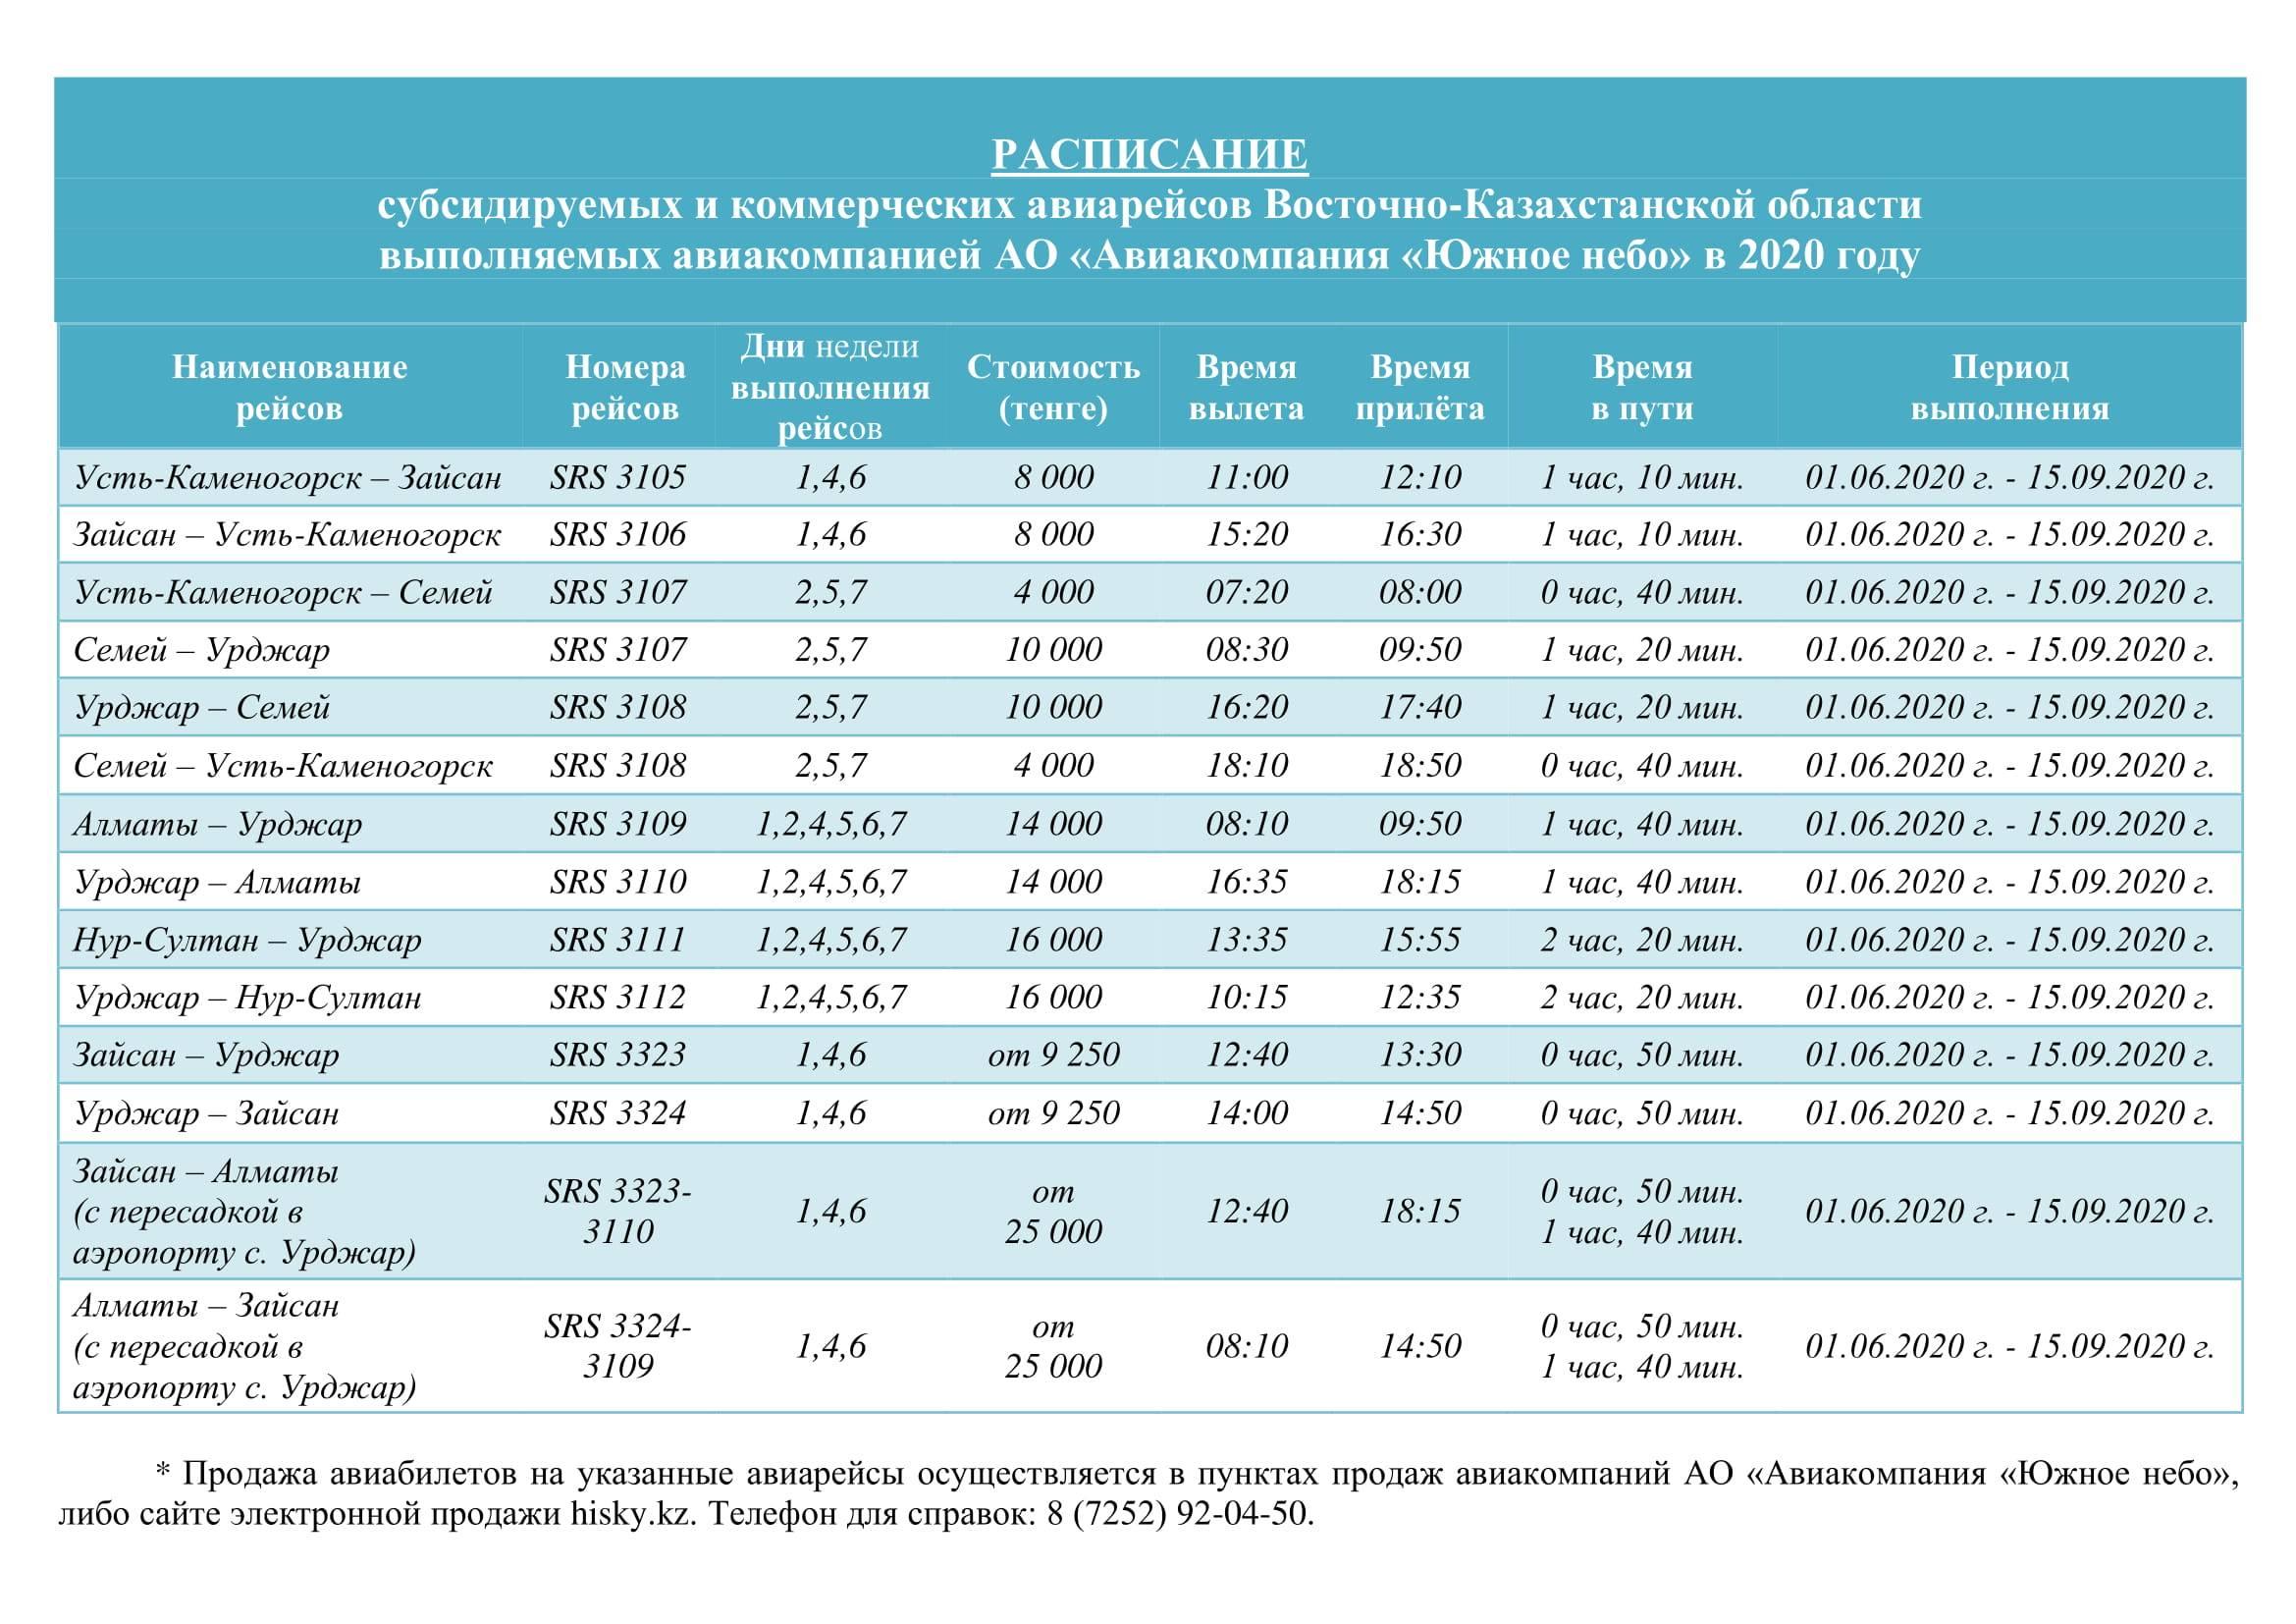 Автобус  москва — рига. расписание 2021, цены на билеты, время в пути, отзывы